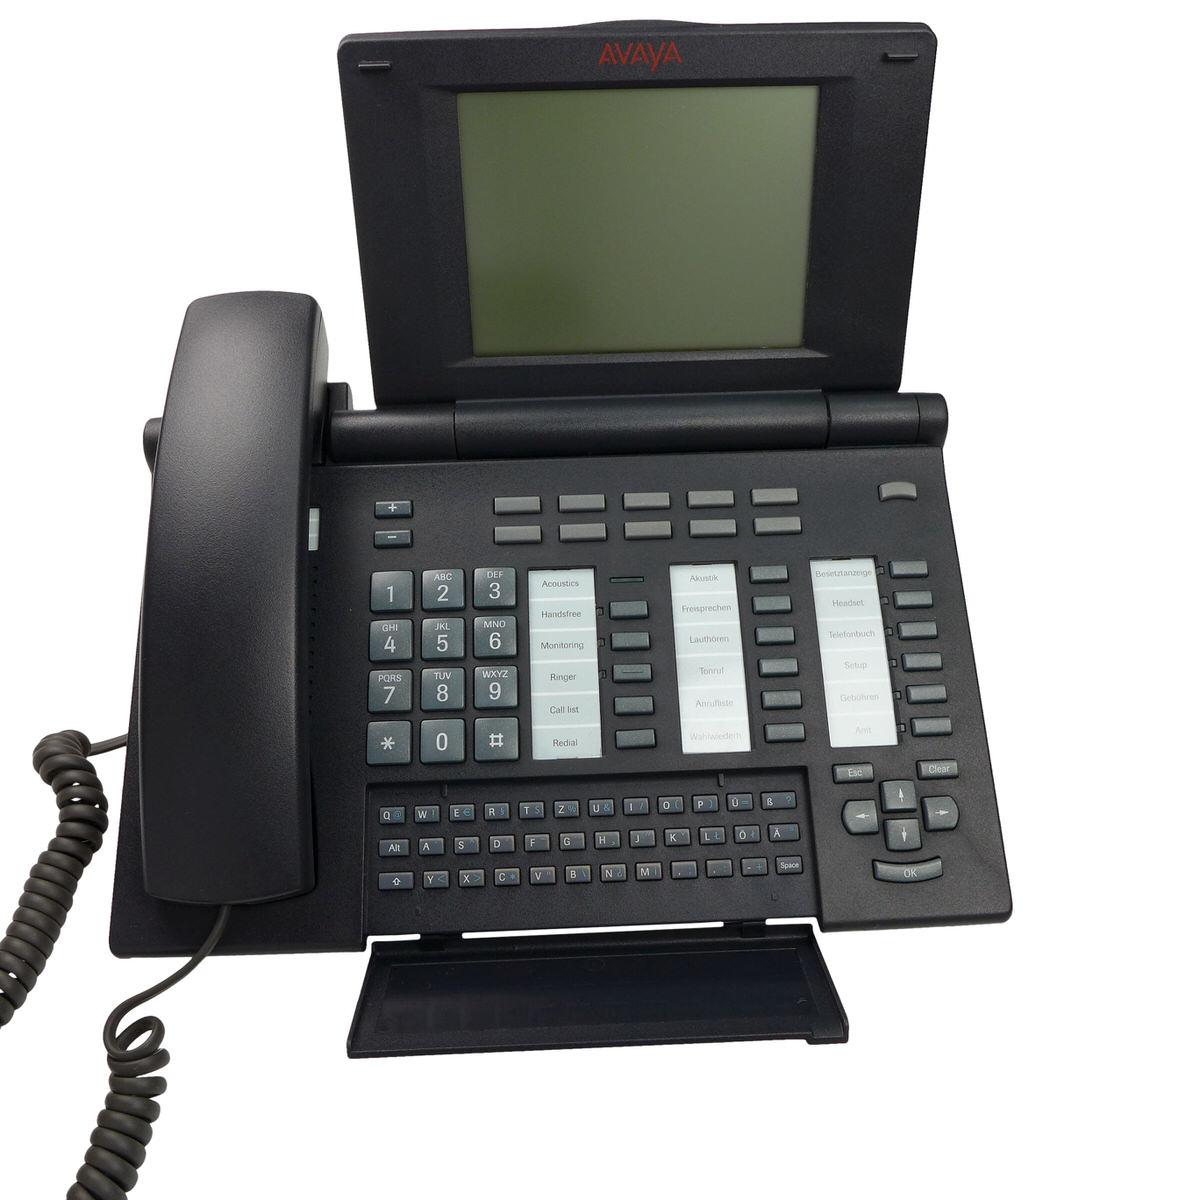 SoPoTEL - T3.11 Comfort Telefon schwarz I33 I55 Tenovis Avaya